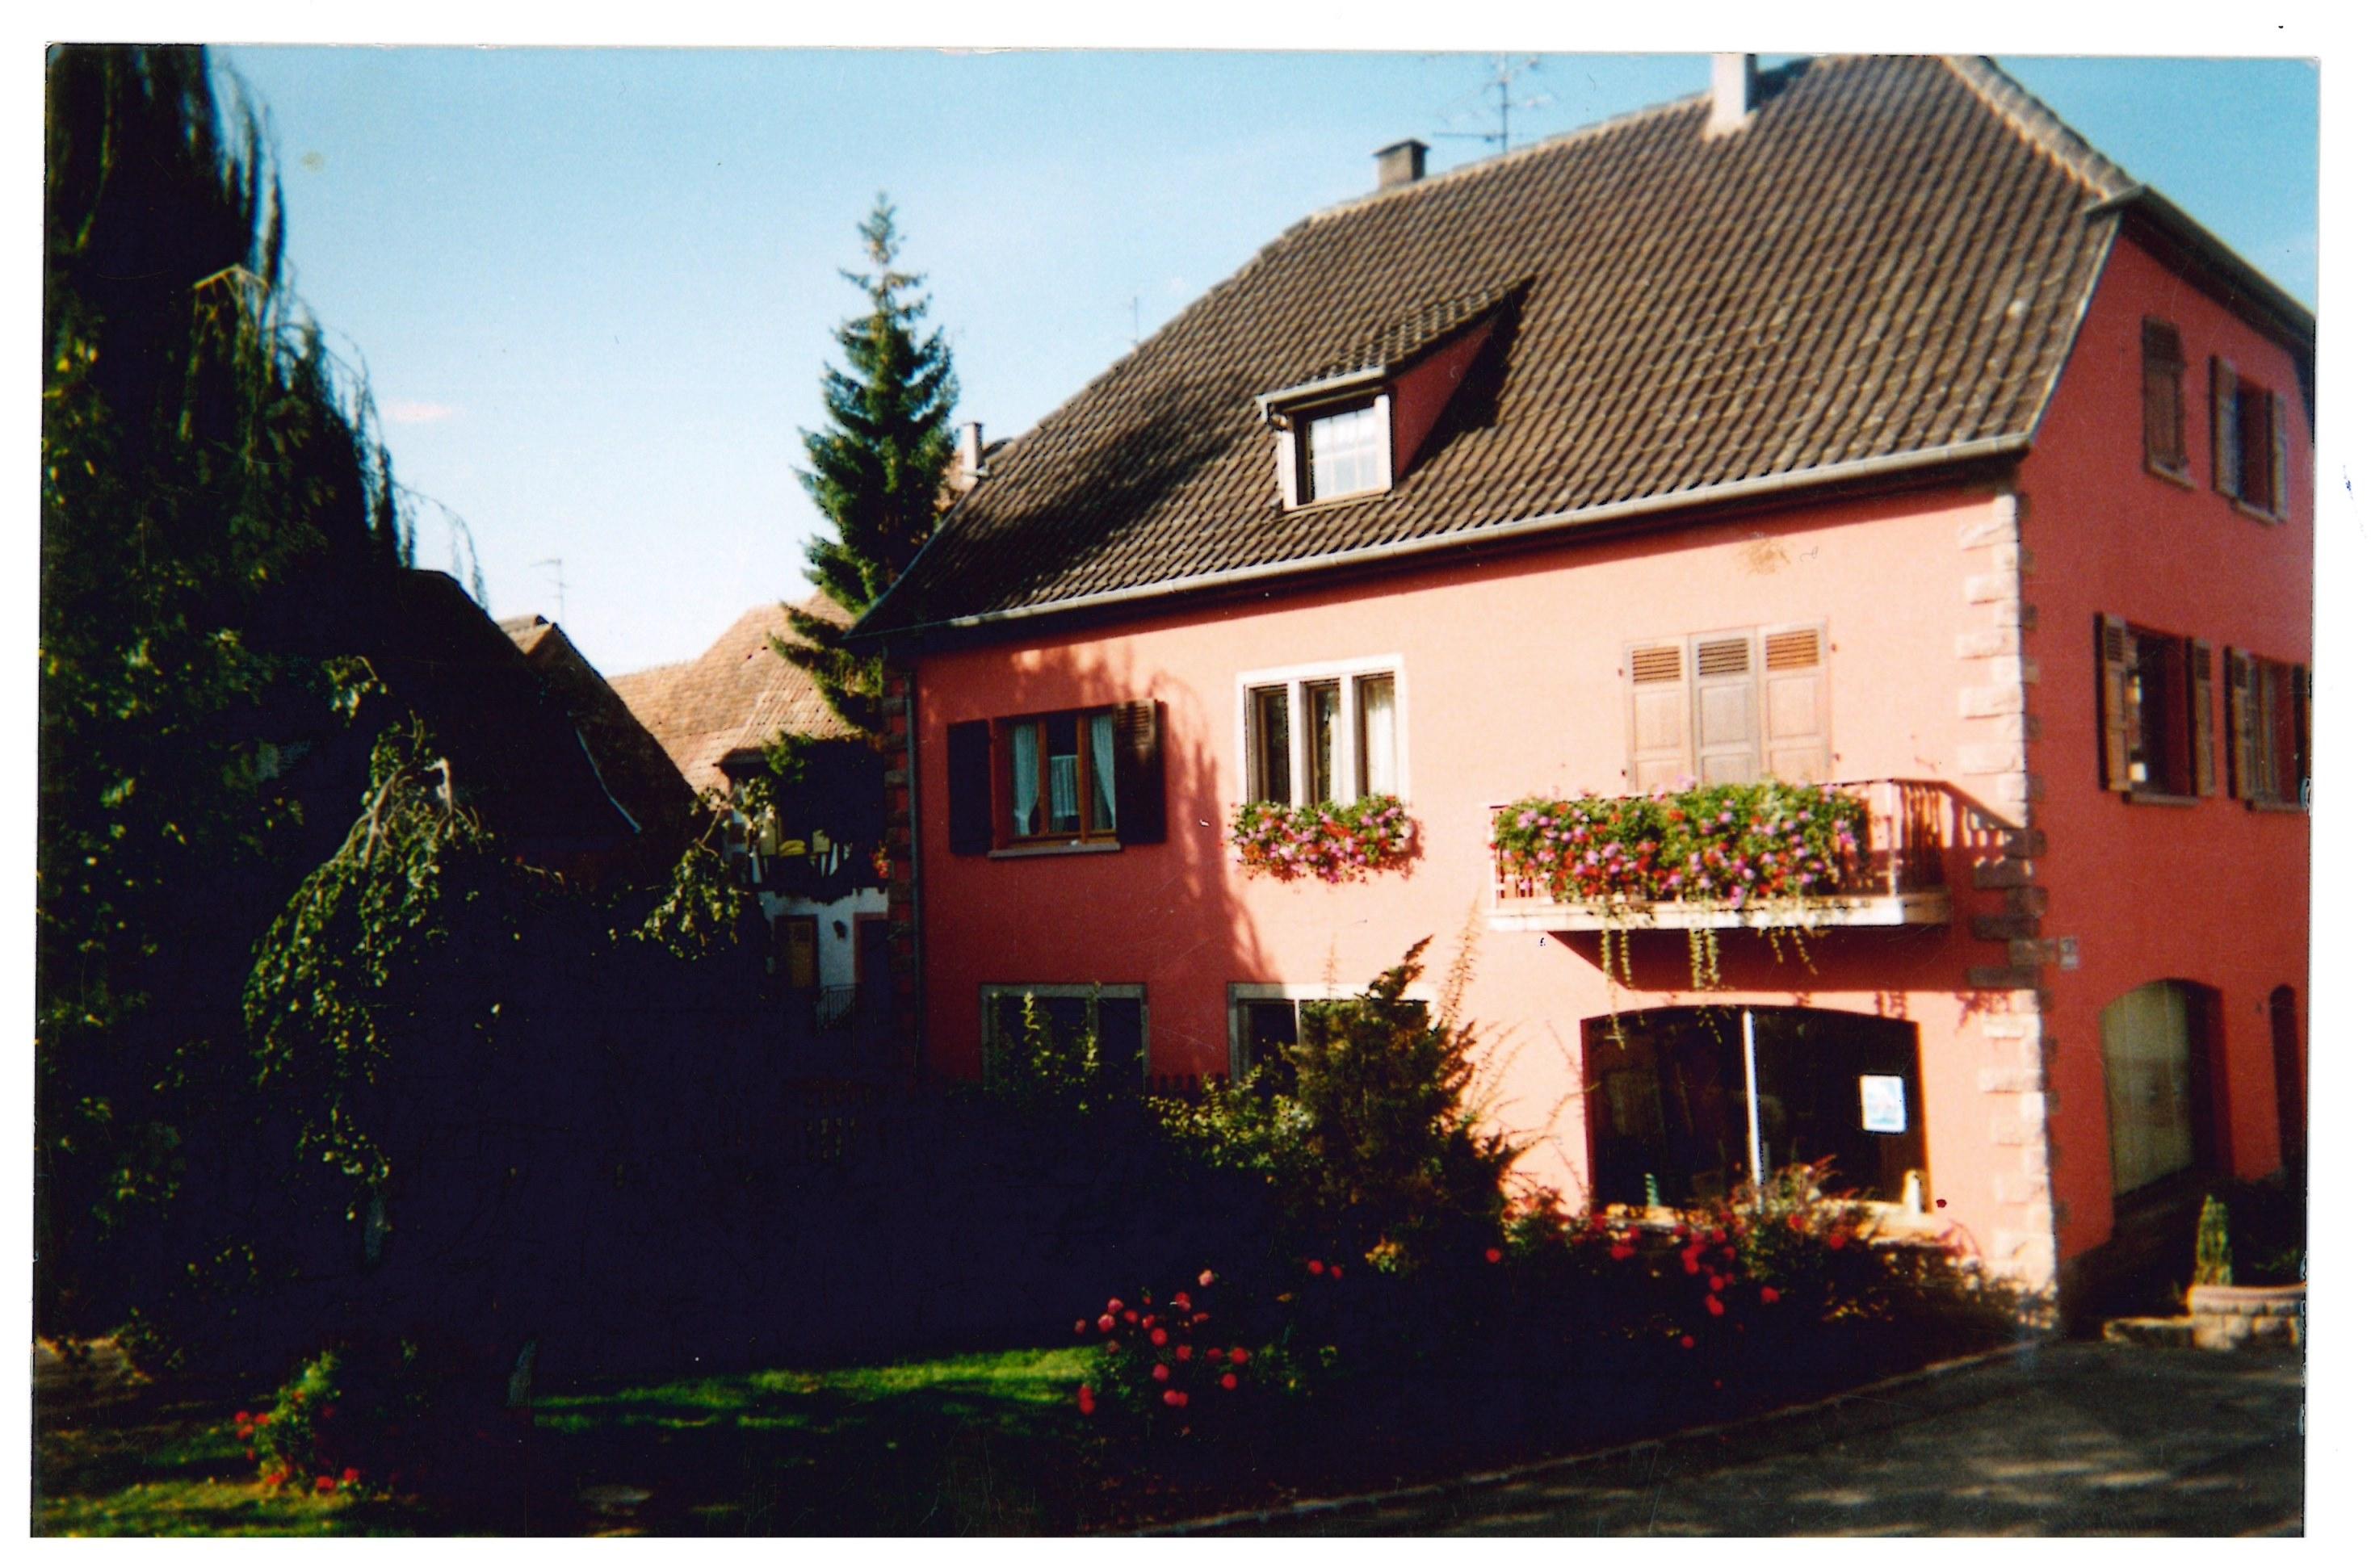 Maison d'hôtes de Mme BECKER Suzanne